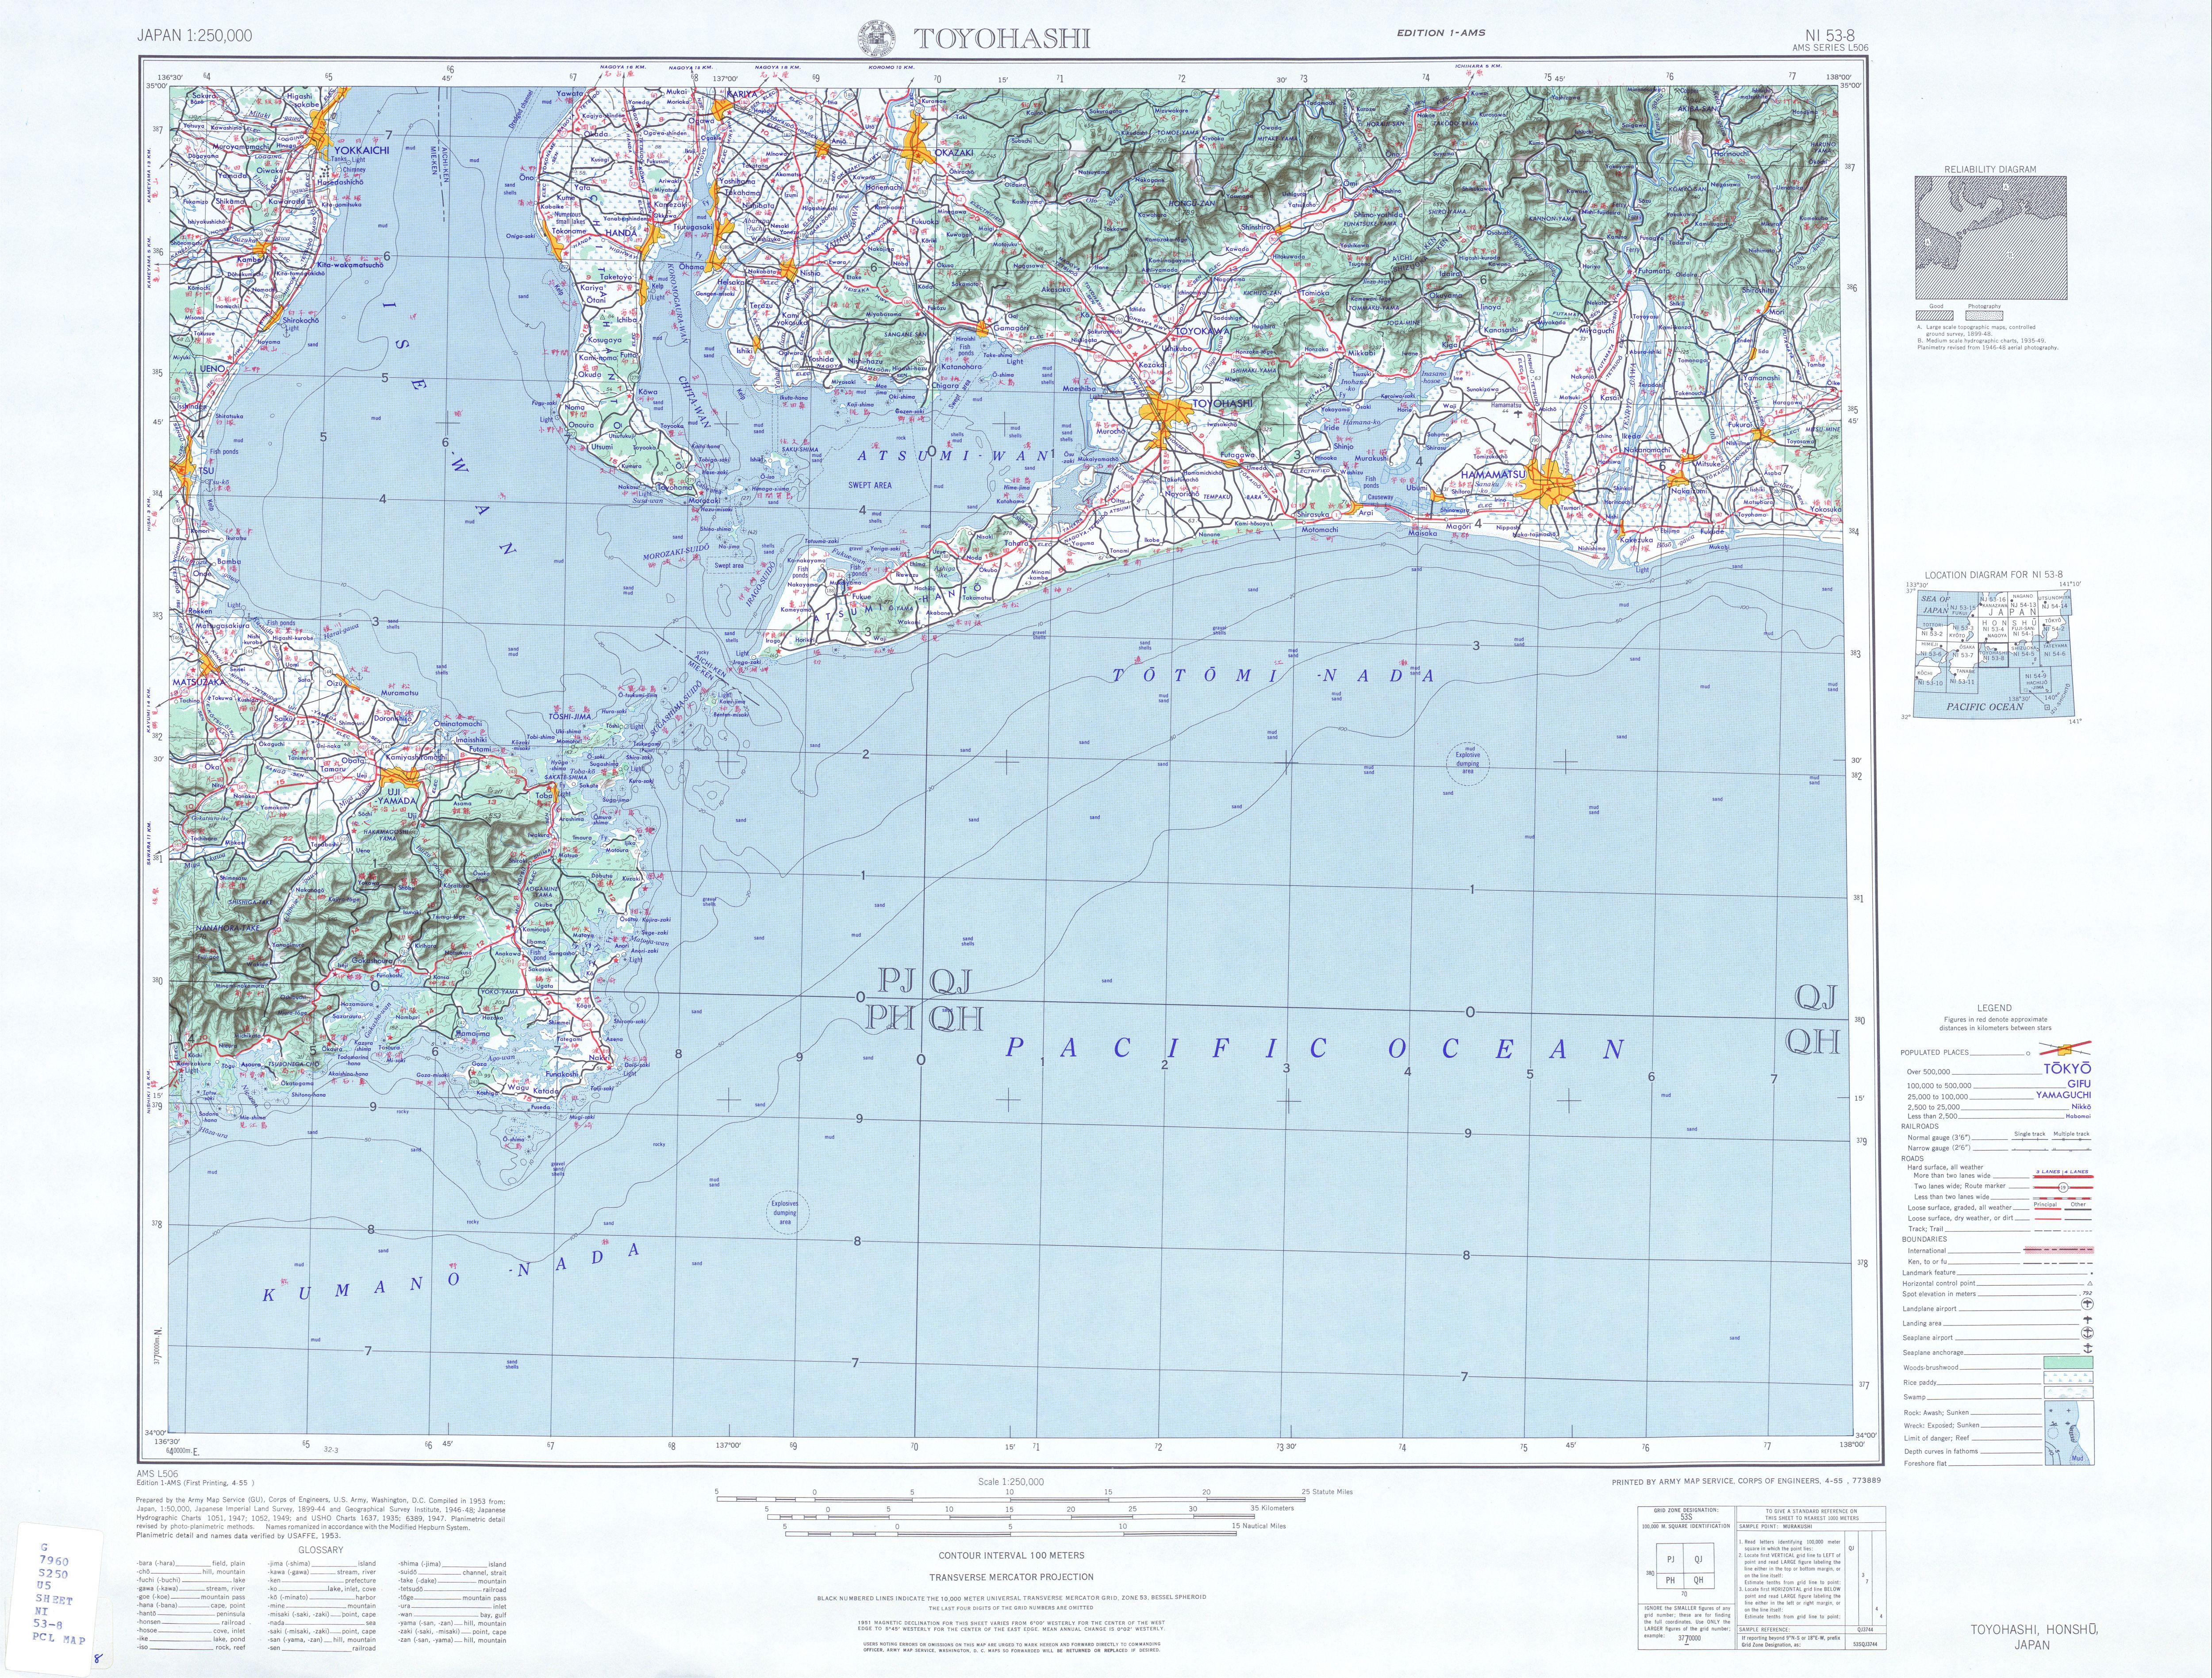 Hoja Toyohashi del Mapa Topográfico de Japón 1954